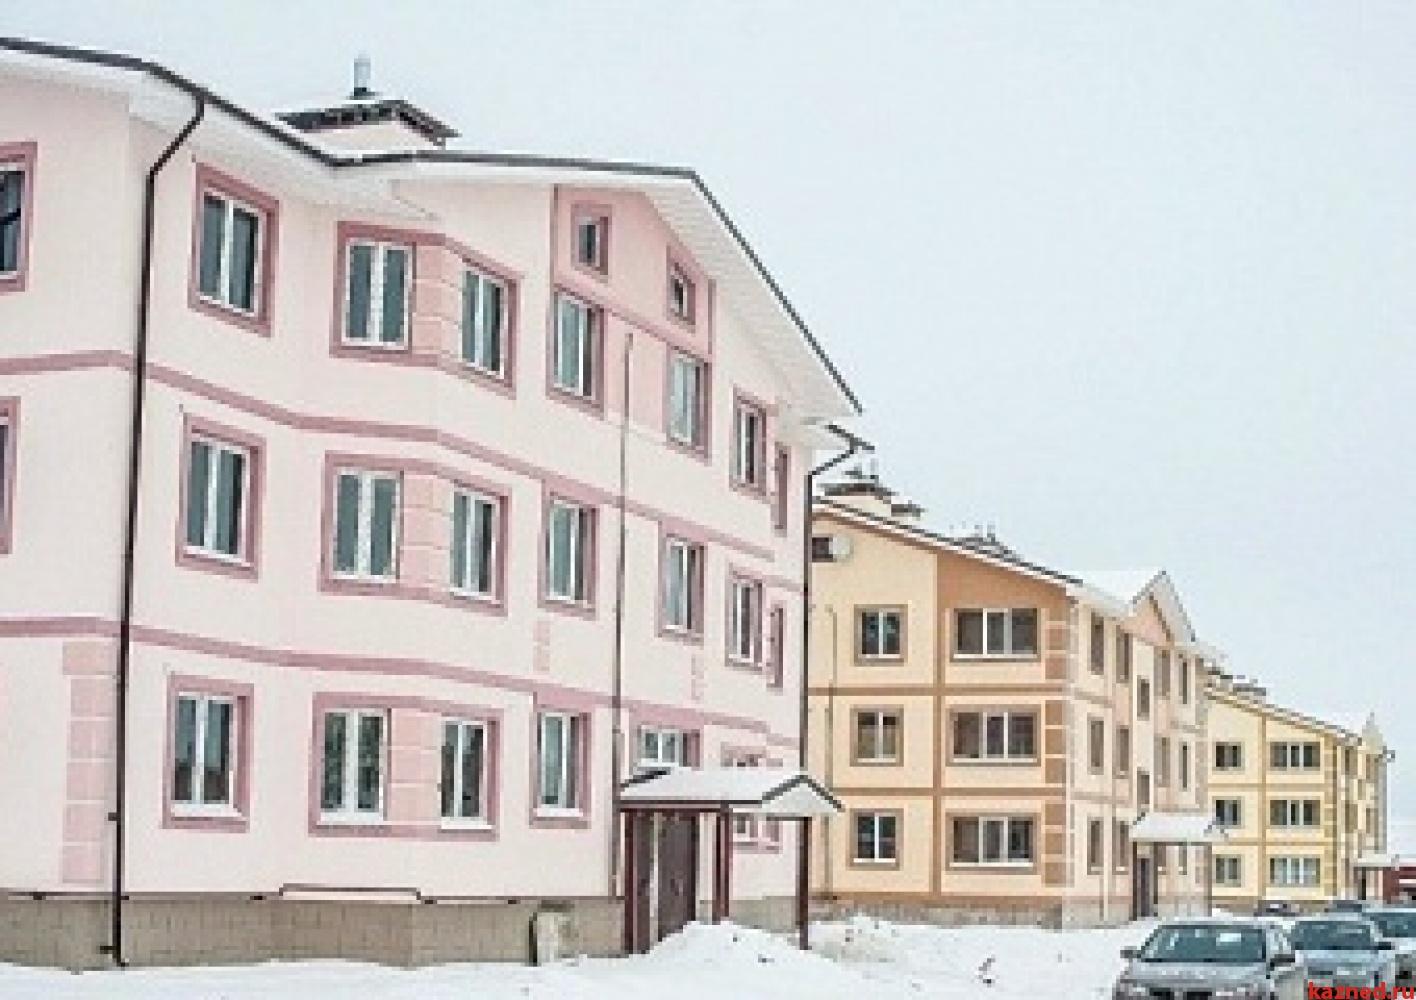 Продажа 2-к квартиры Центральная, 64 м²  (миниатюра №2)